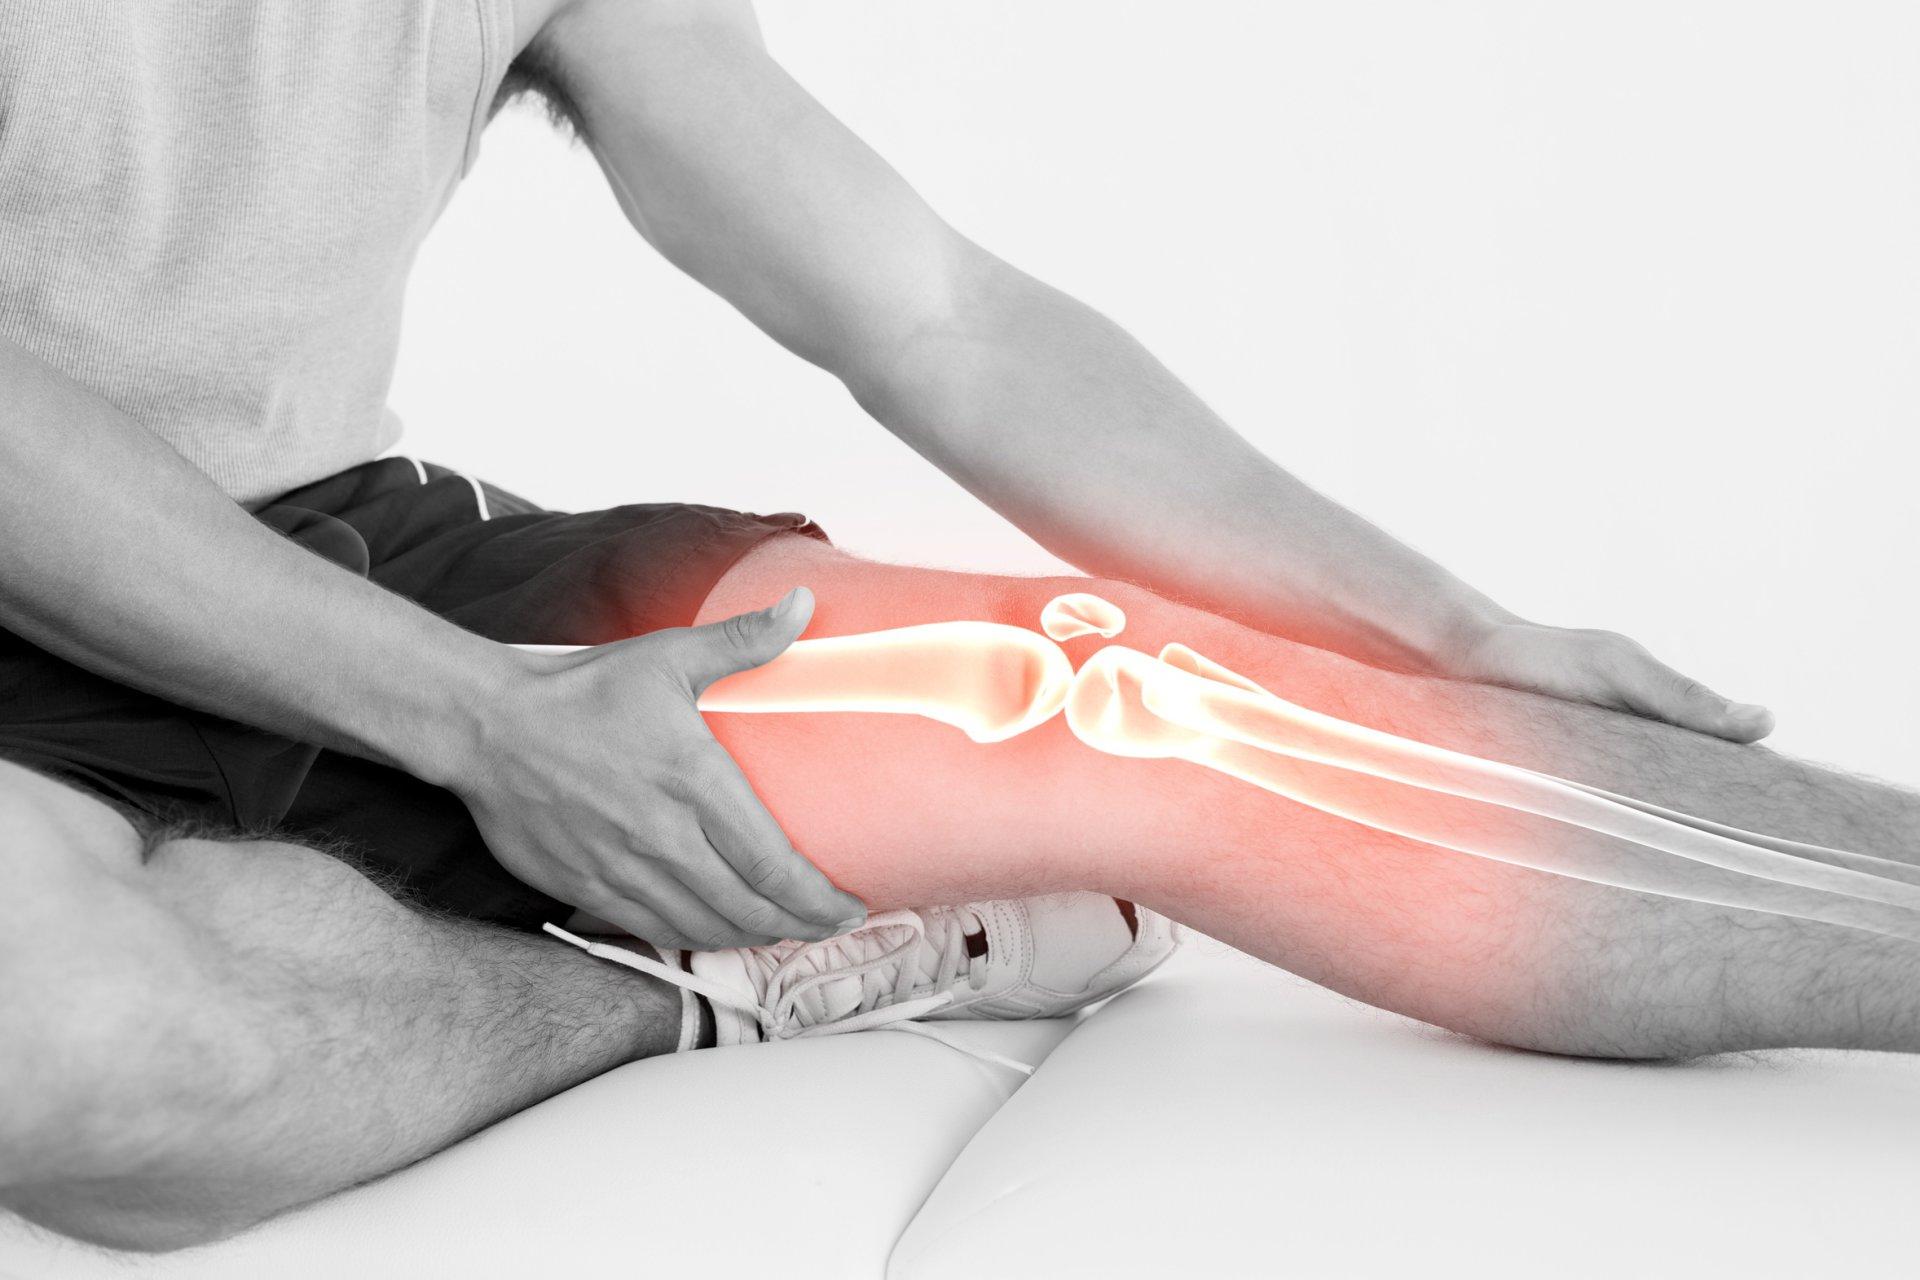 sacro klubo sąnarių artritas šilumos sulyginti artrozės metu